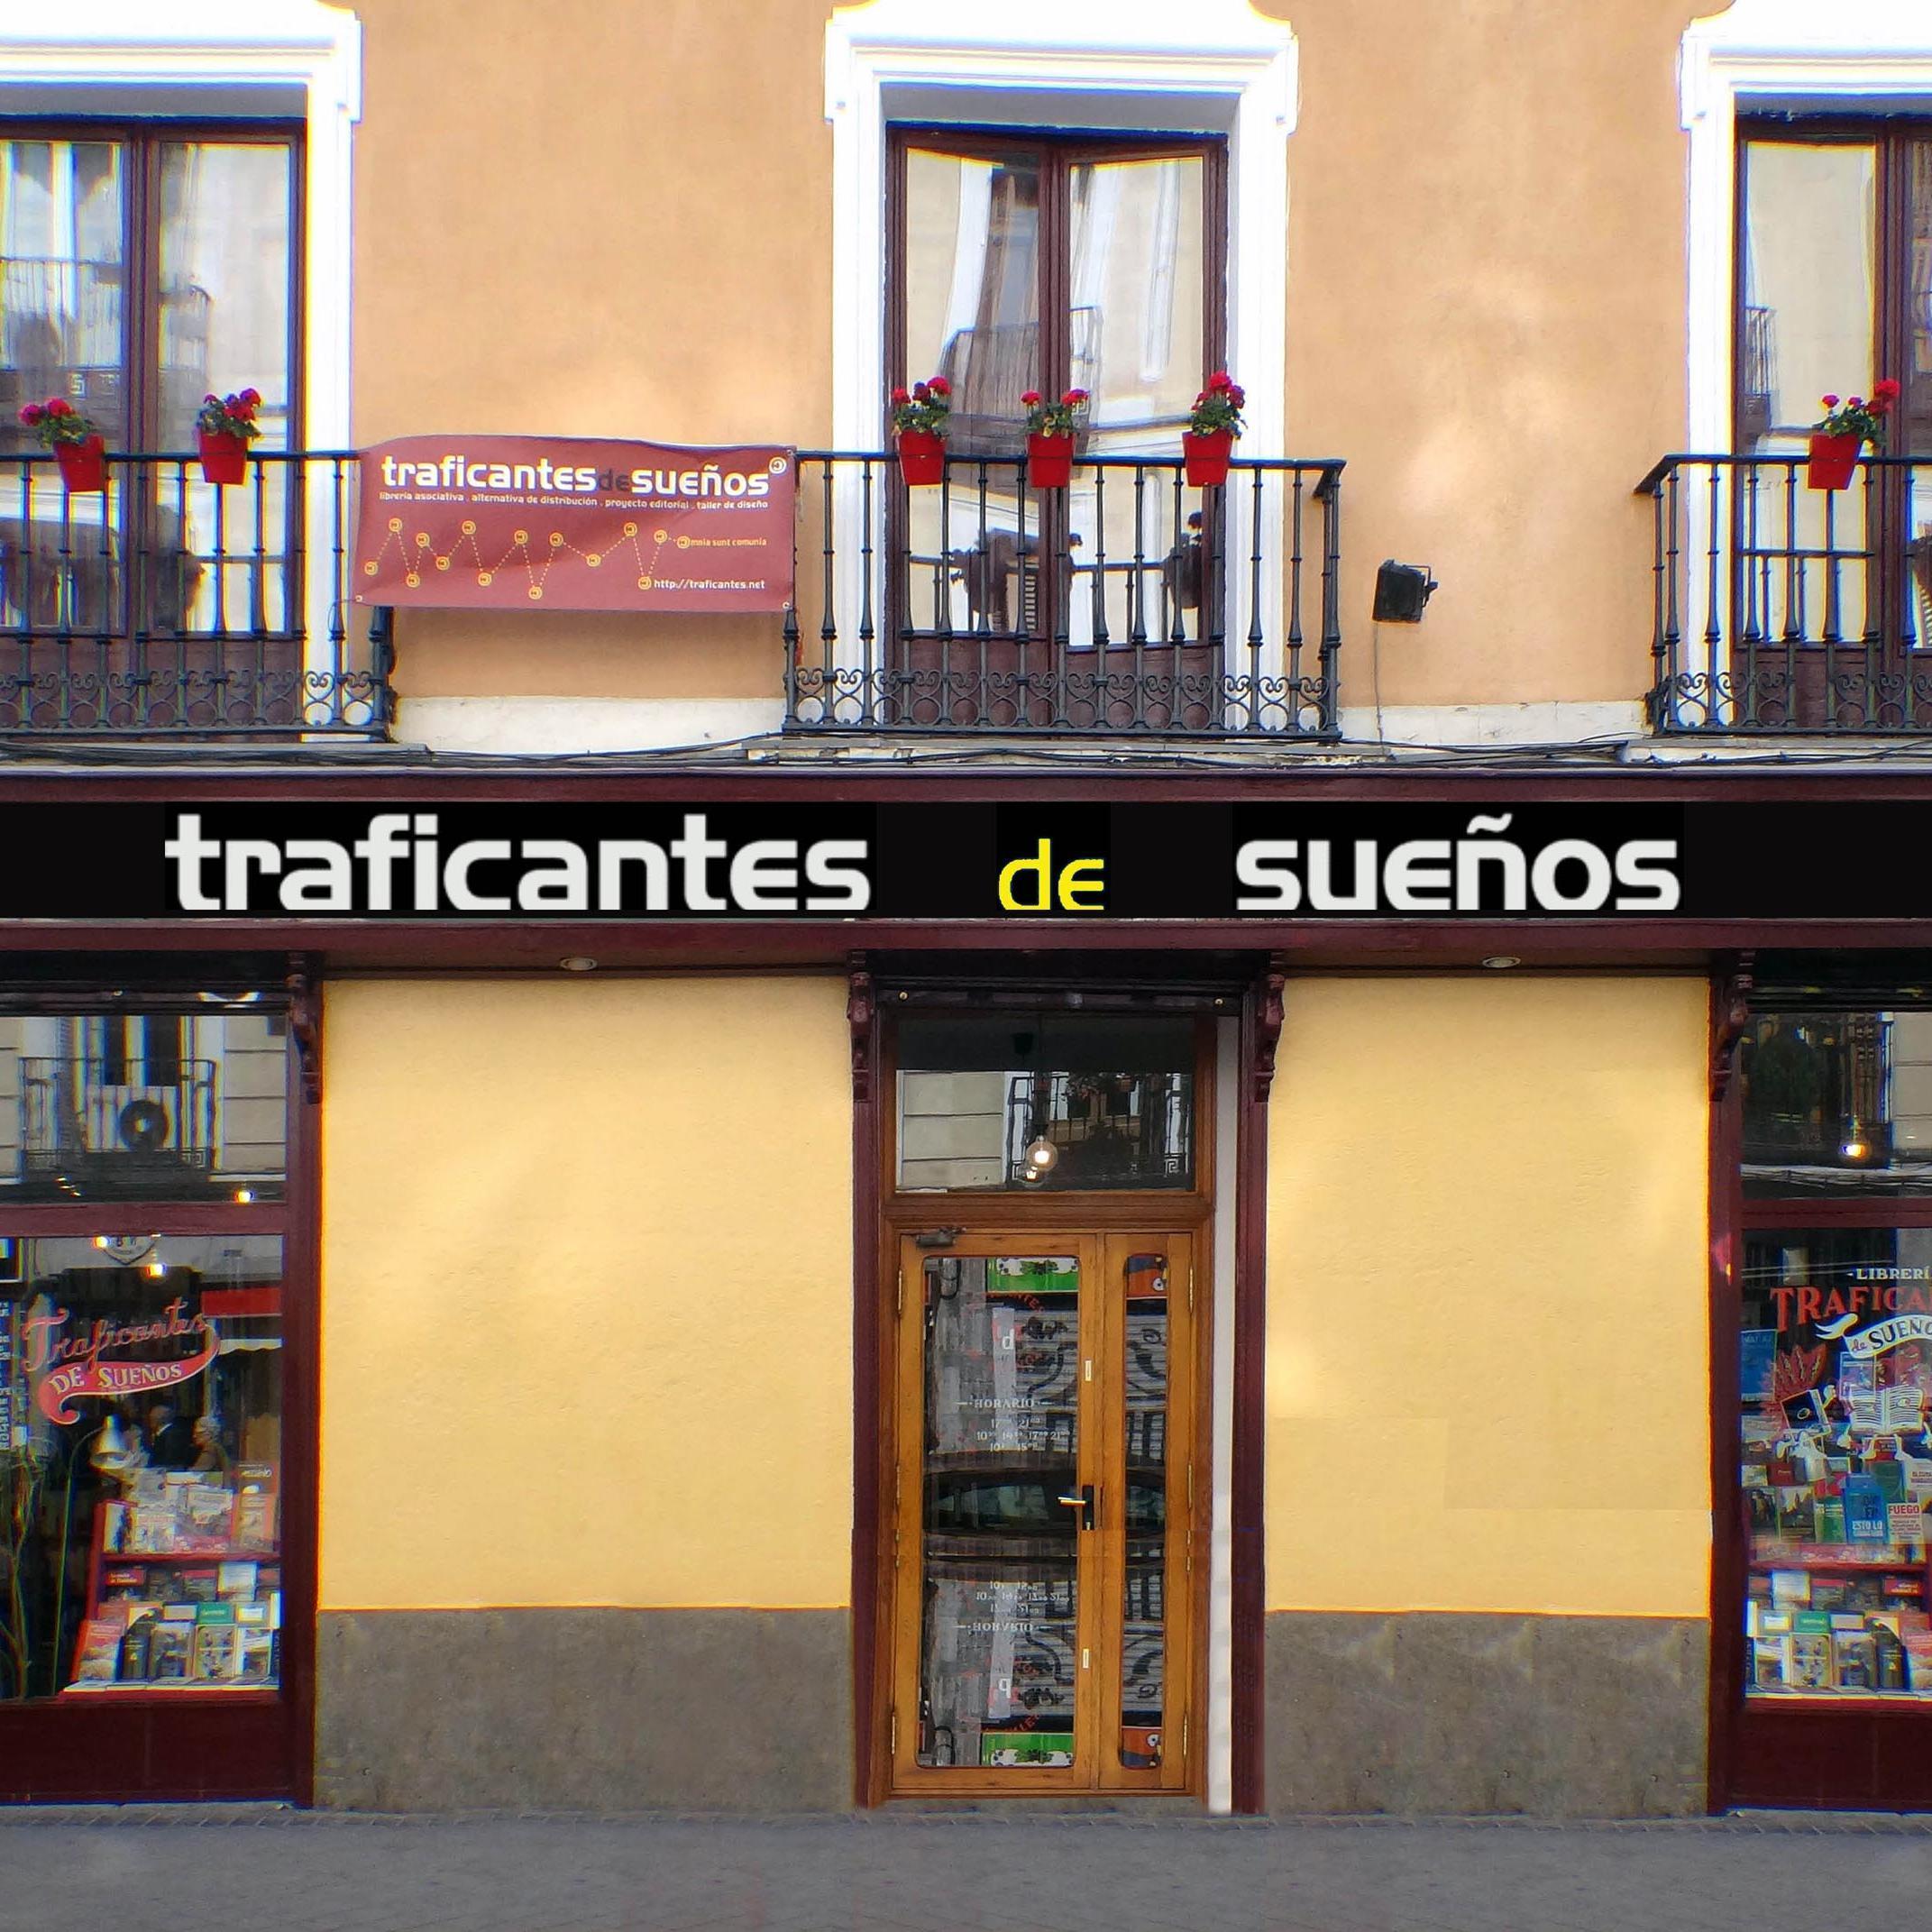 Traficantes de sueños. Premio Librería Cultural 2015